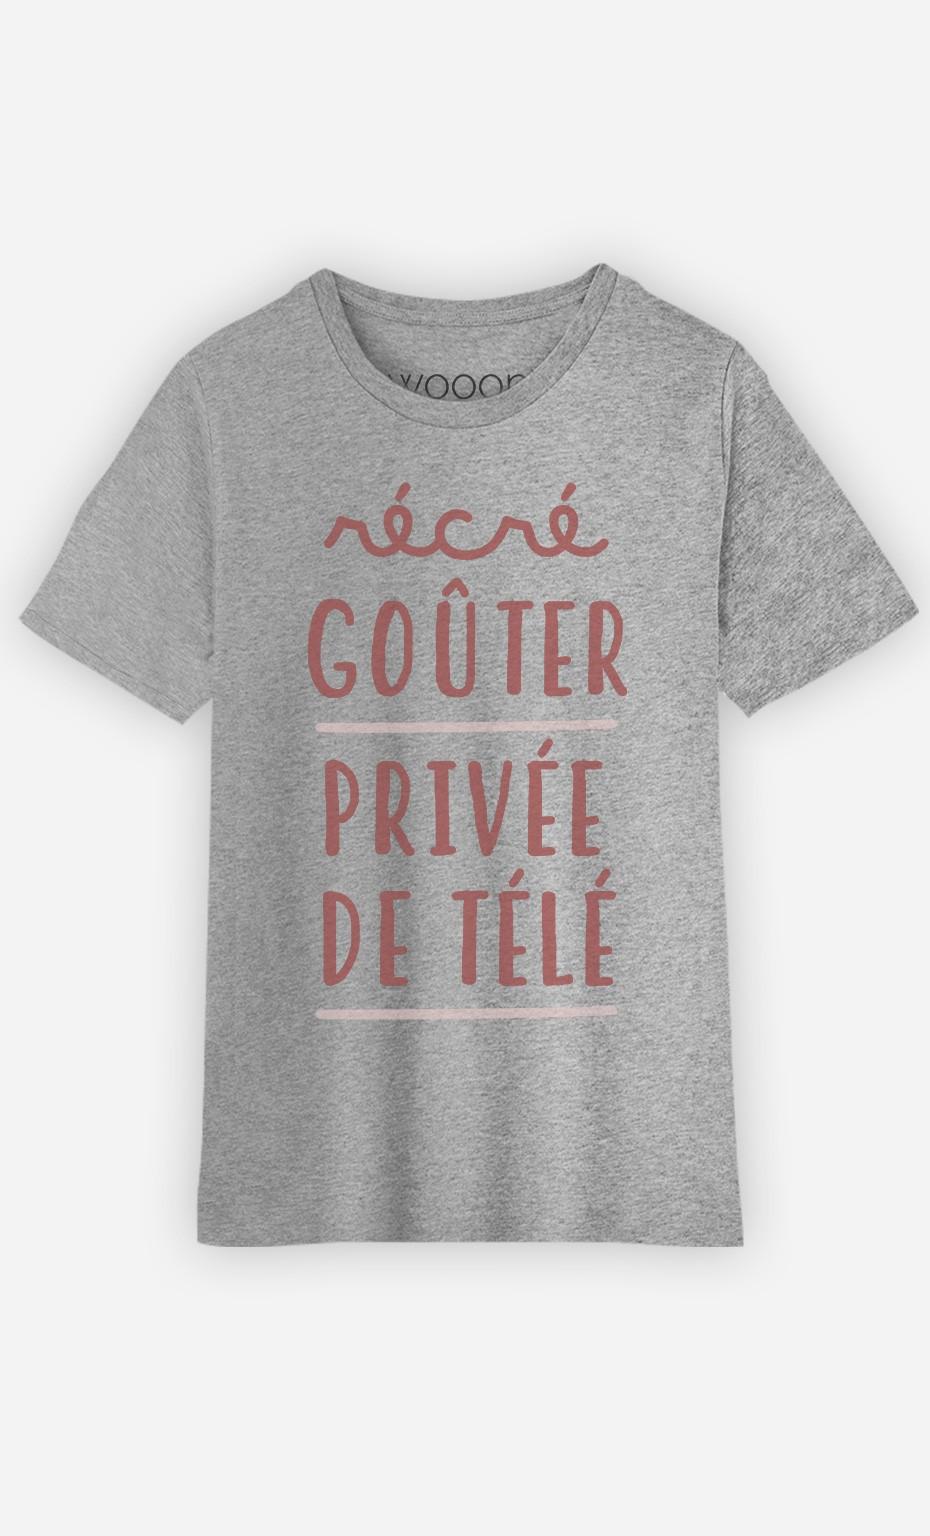 T-Shirt Récré Goûter Privée De Télé